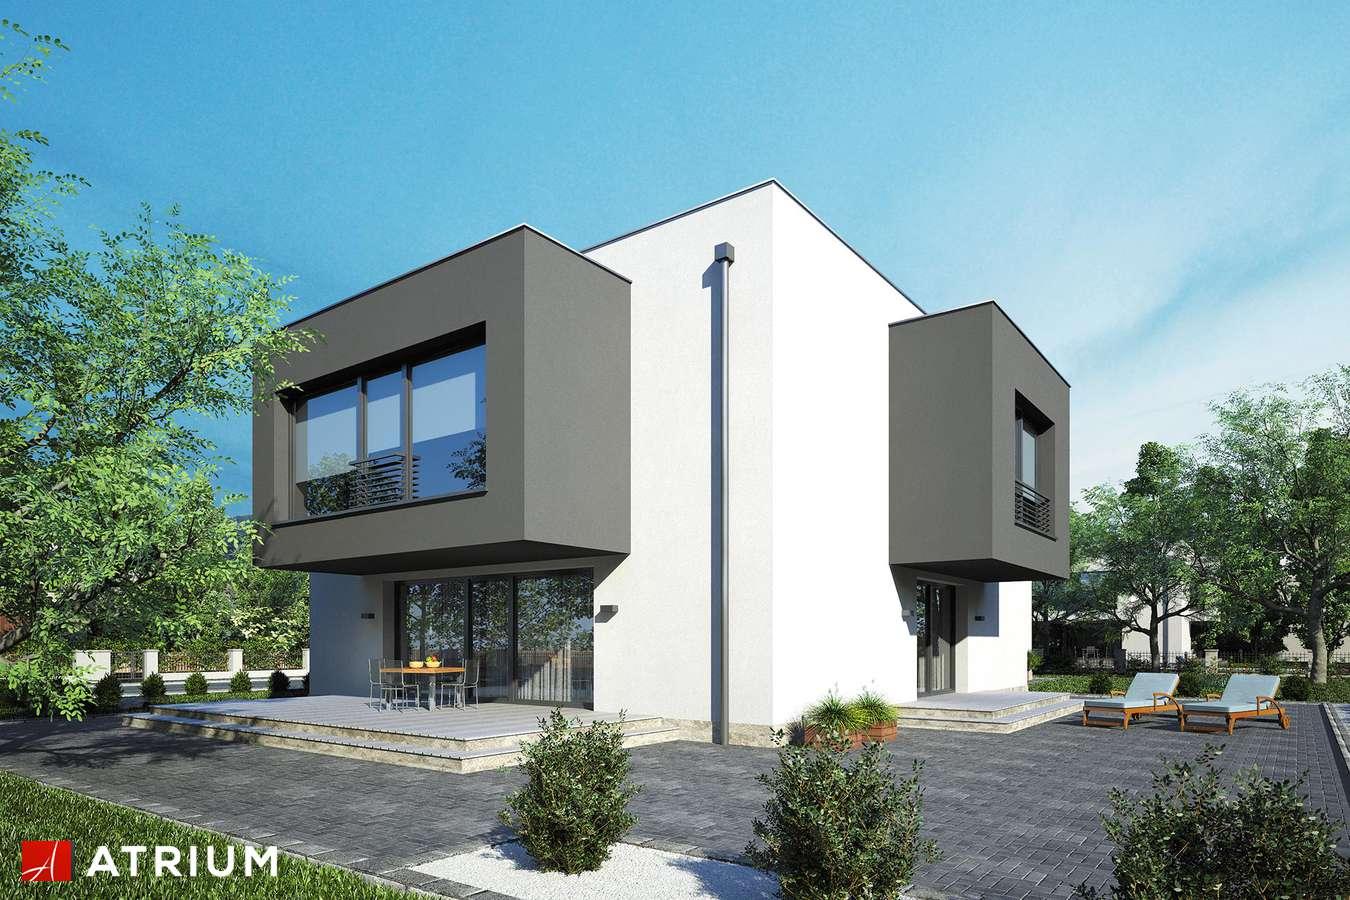 Projekty domów - Projekt domu piętrowego SENATOR IV - wizualizacja 1 - wersja lustrzana